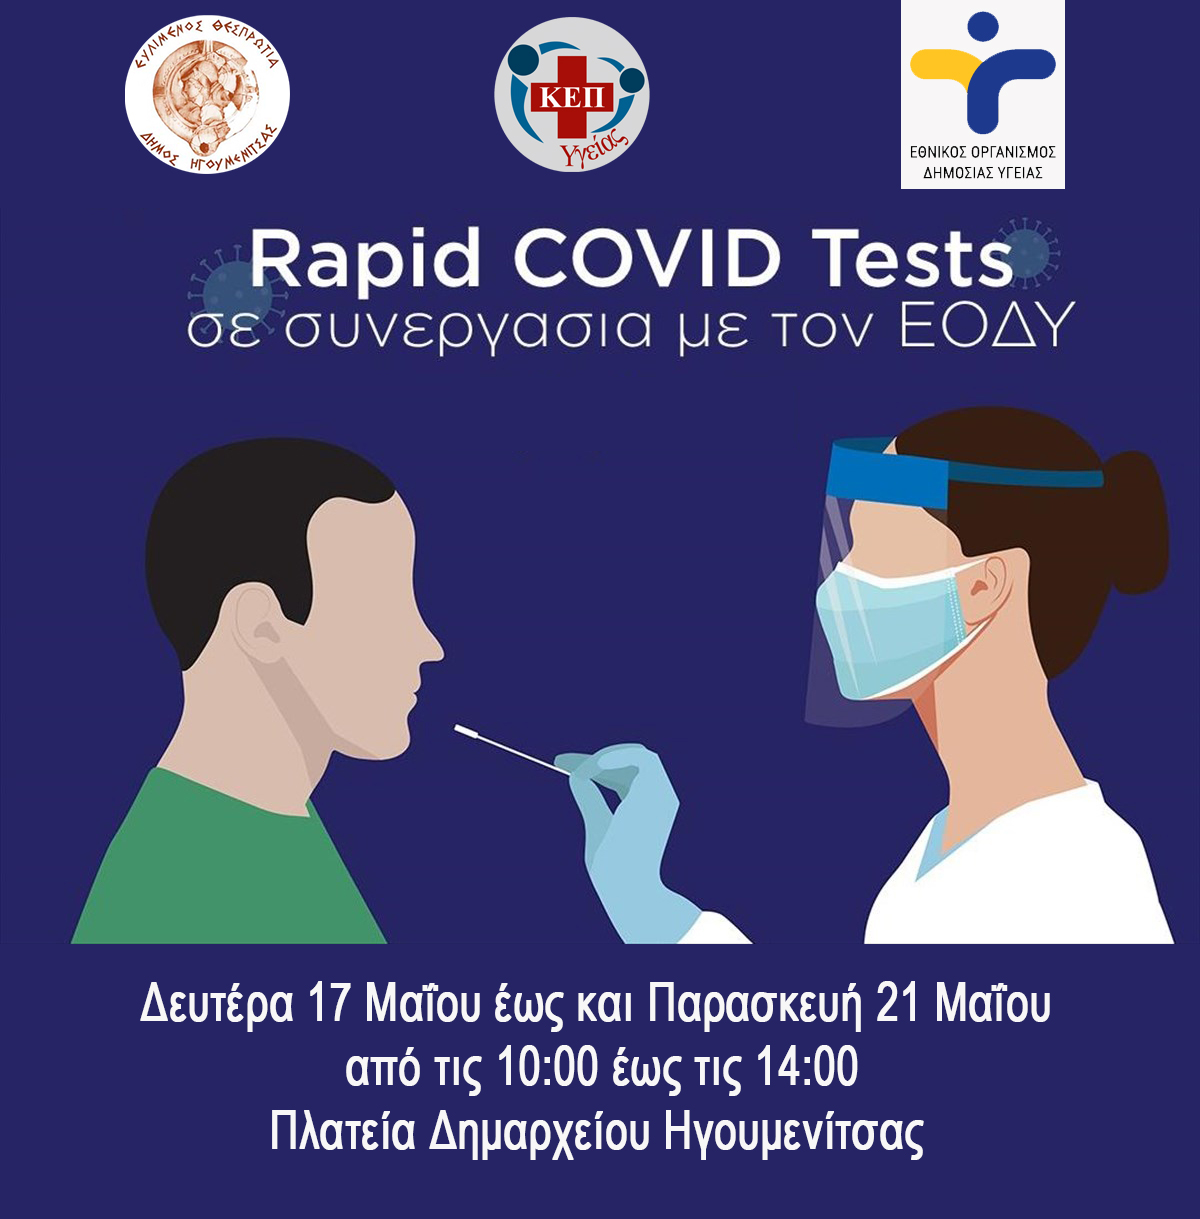 Καθημερινά rapid test στην Ηγουμενίτσα και την εβδομάδα από 17 έως 21 Μαΐου